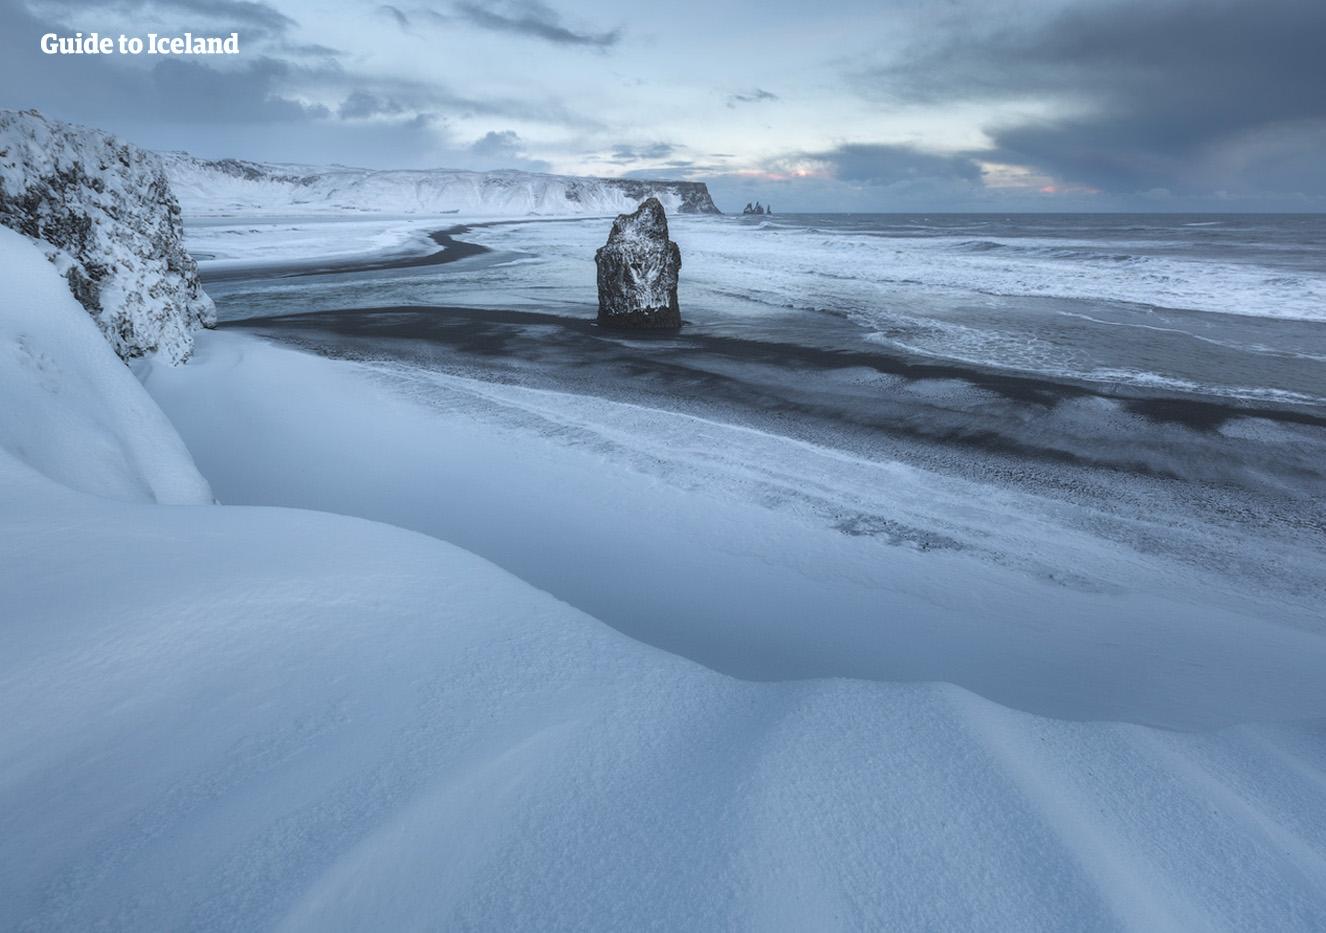 Les sables noirs des plages de la côte sud de l'Islande dans les profondeurs de l'hiver ne sont visibles que là où la mer enlève la neige.